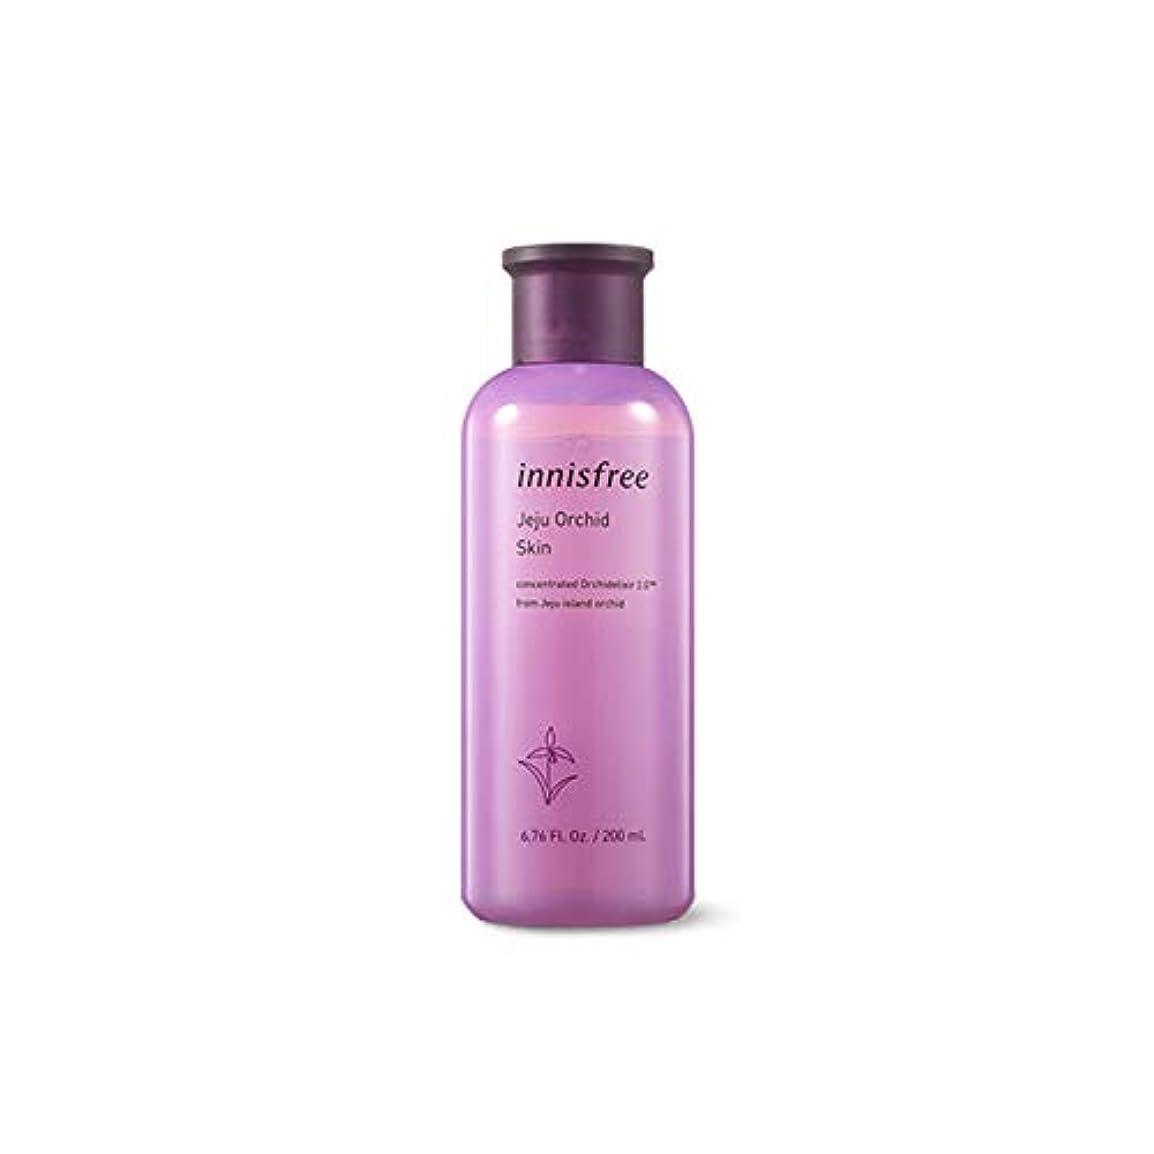 案件ペイン葡萄[イニスプリー]Innisfree 寒暖スキン(200ml) 新商品入荷 Innisfree Orchid Skin (200ml) New Arrival [海外直送品]